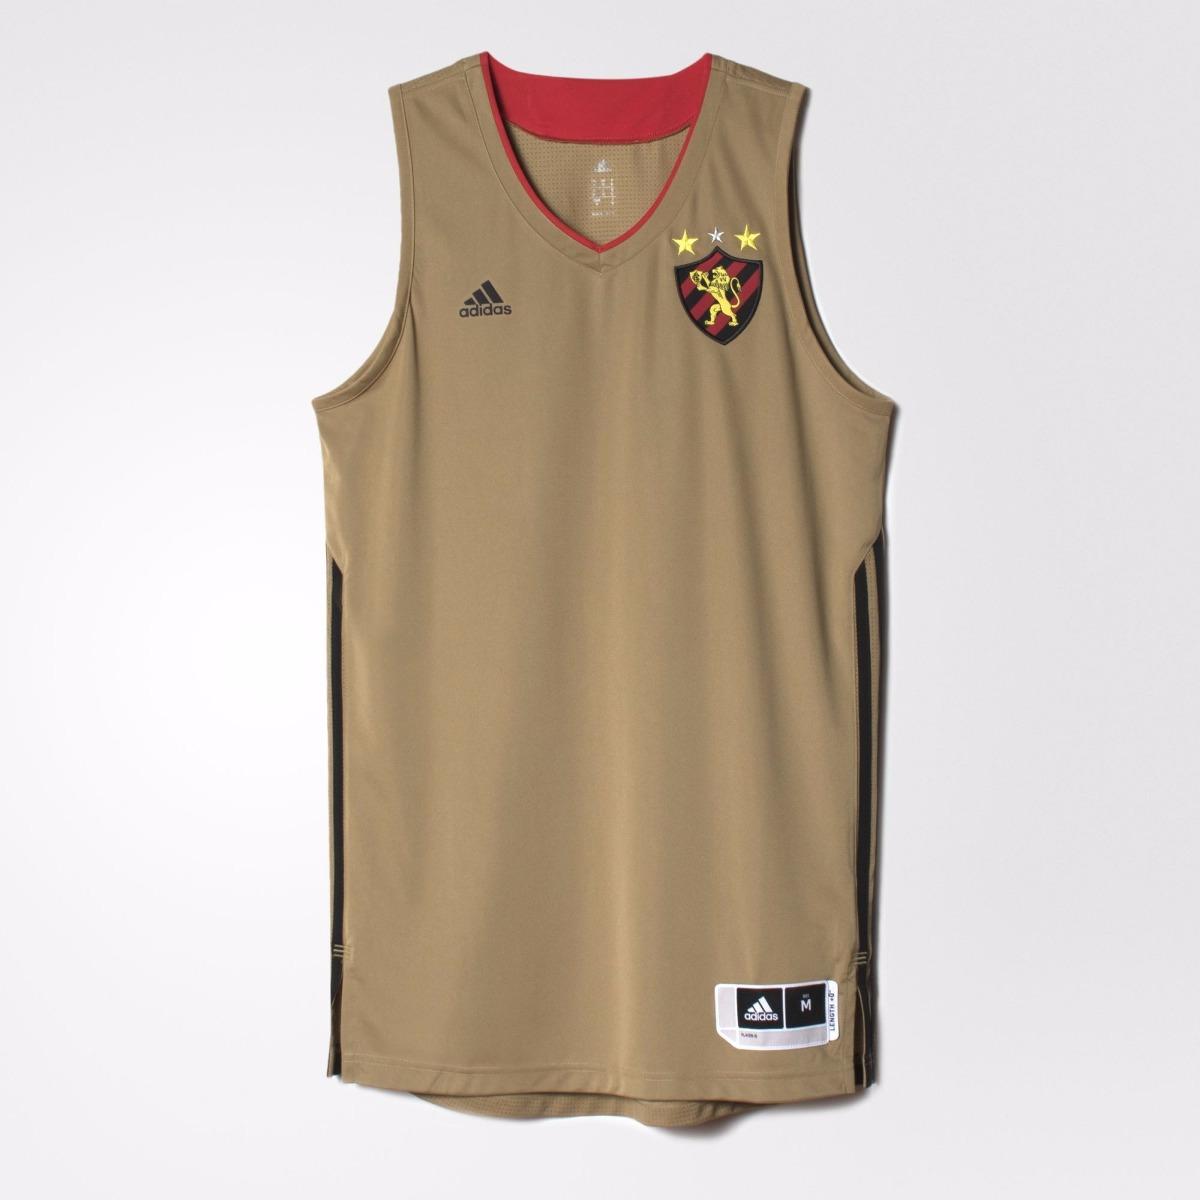 46e8159a4 camisa sport recife basquete dourada original- footlet. Carregando zoom.